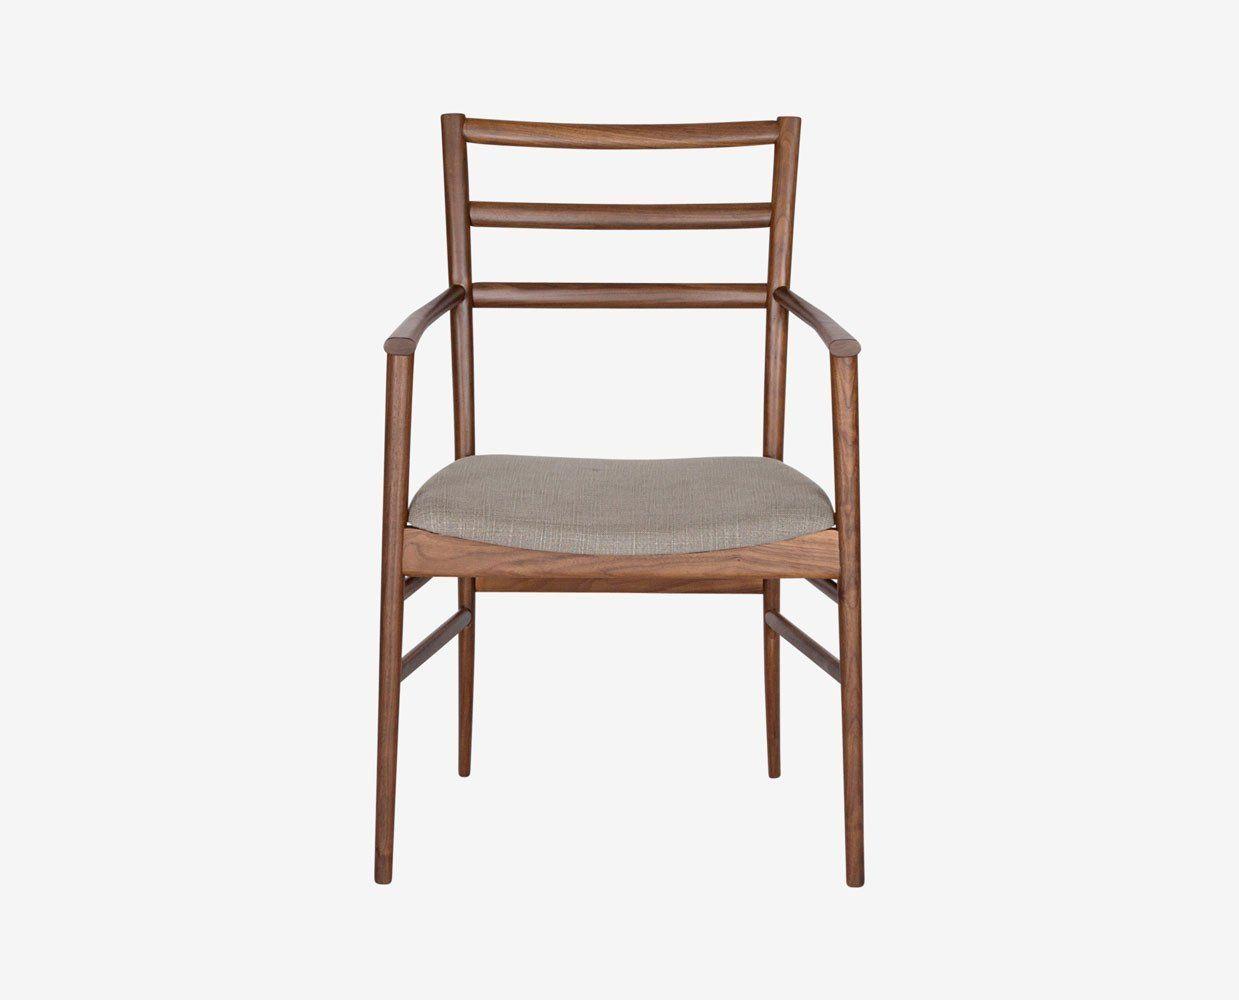 20 Inspiring Scandinavian Modern Furniture Design Ideasa Little Bit Of Modern Scandi Dining Chairs Modern Scandinavian Furniture Dining Room Furniture Modern